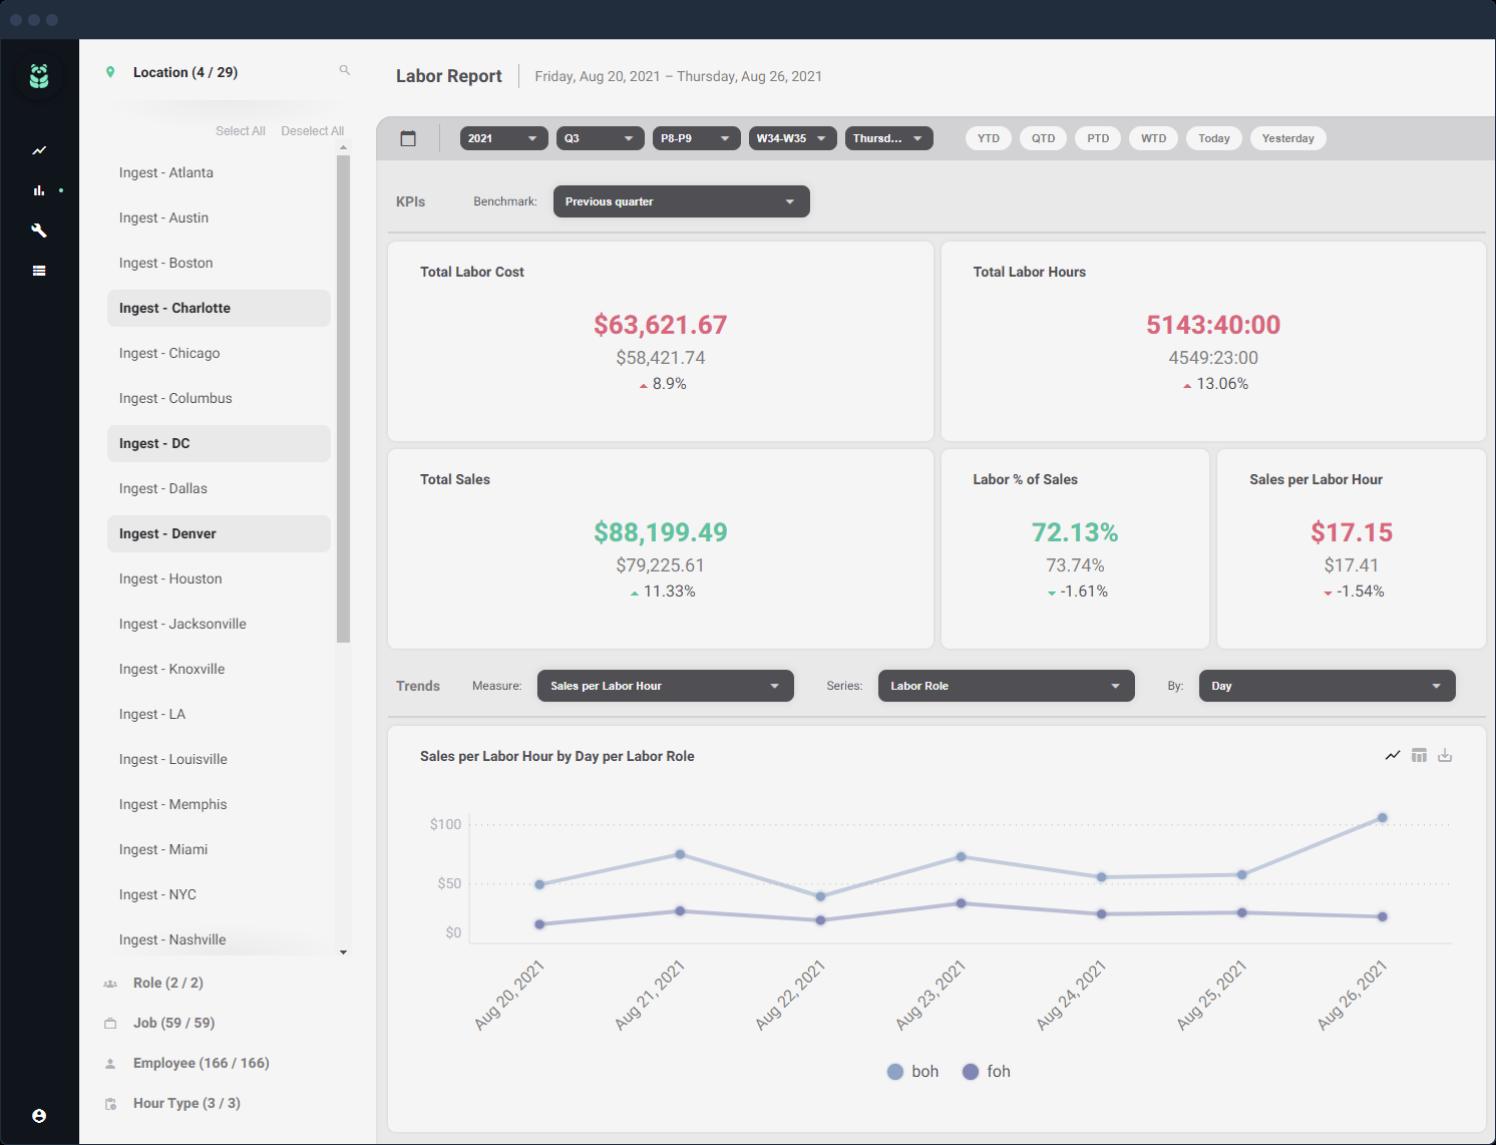 Labor Report dashboard screenshot